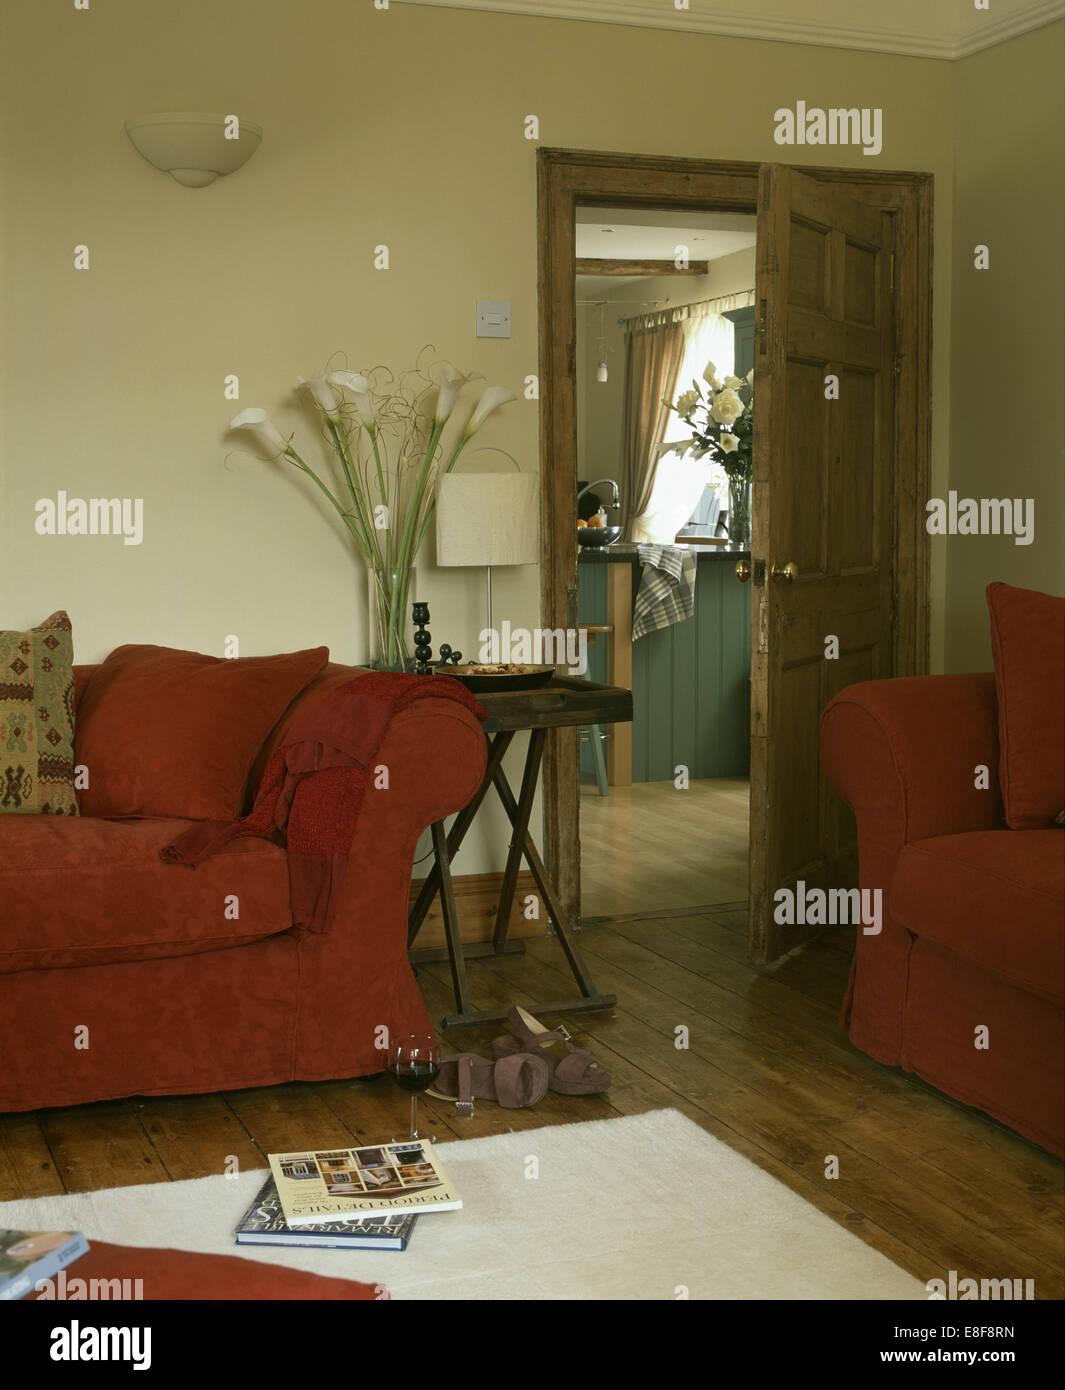 Terracotta Sofas In Cream Living Room With Vase Of Arum